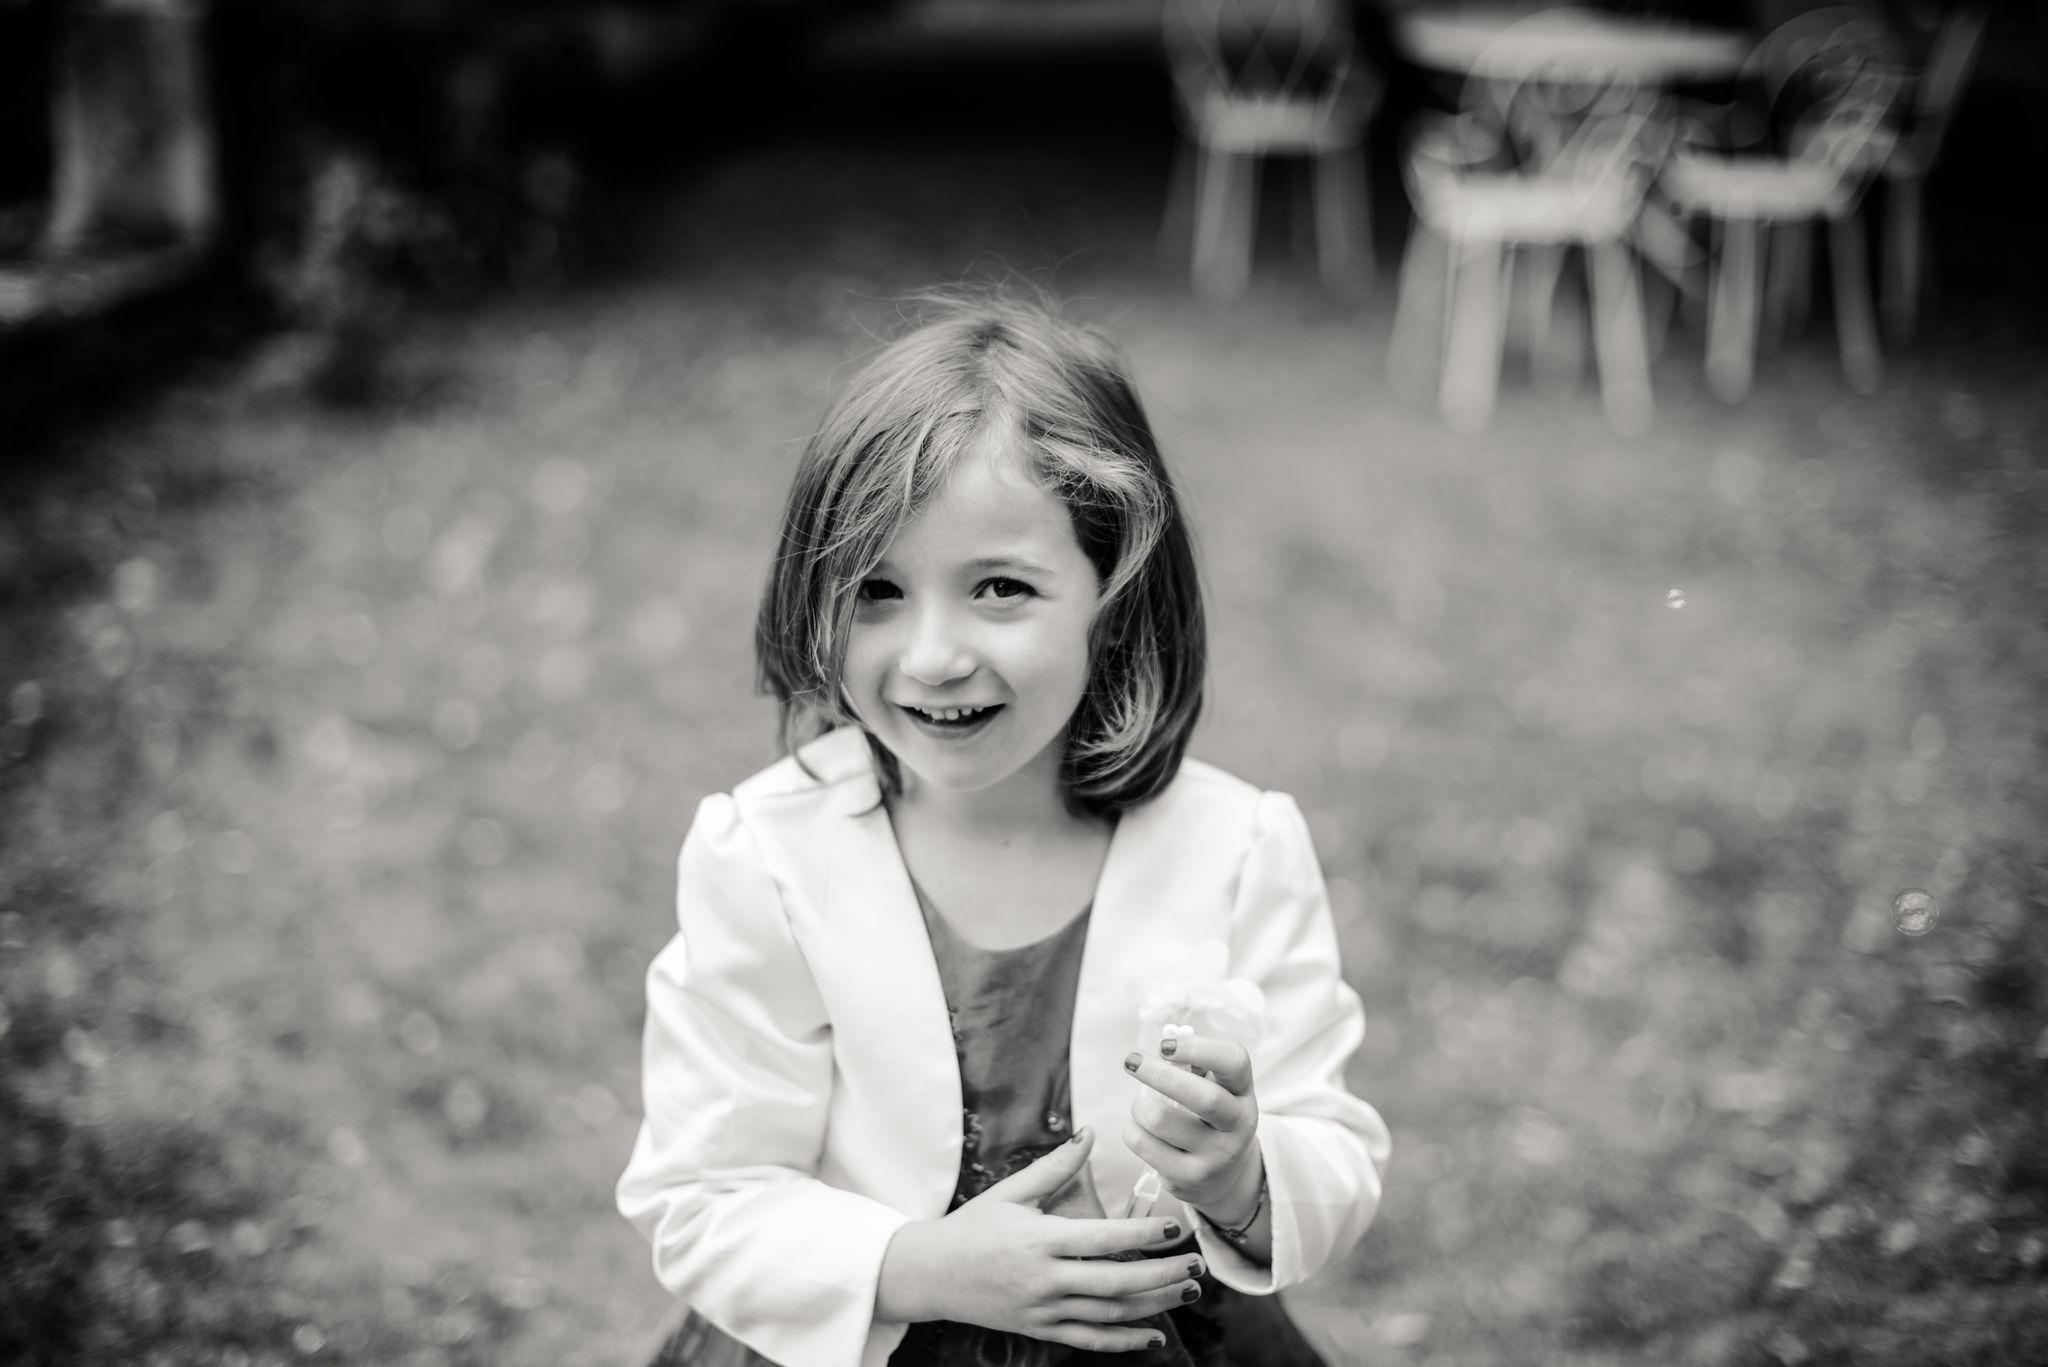 Léa-Fery-photographe-professionnel-lyon-rhone-alpes-portrait-creation-mariage-evenement-evenementiel-famille-6534.jpg